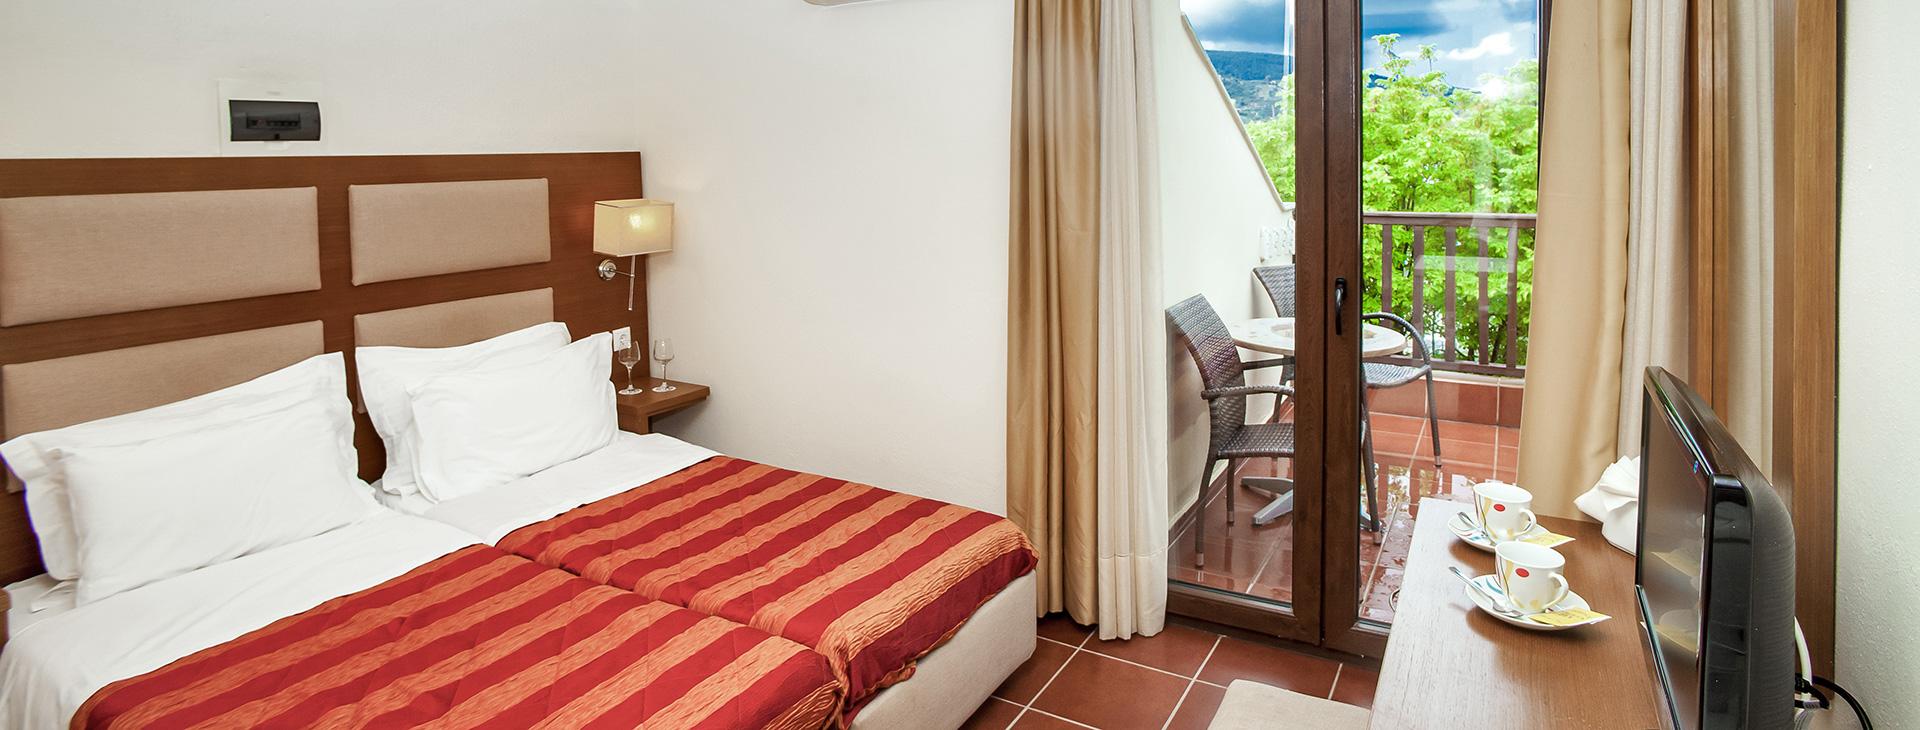 Hotel Skopelos Holidays 5* • Skopelos